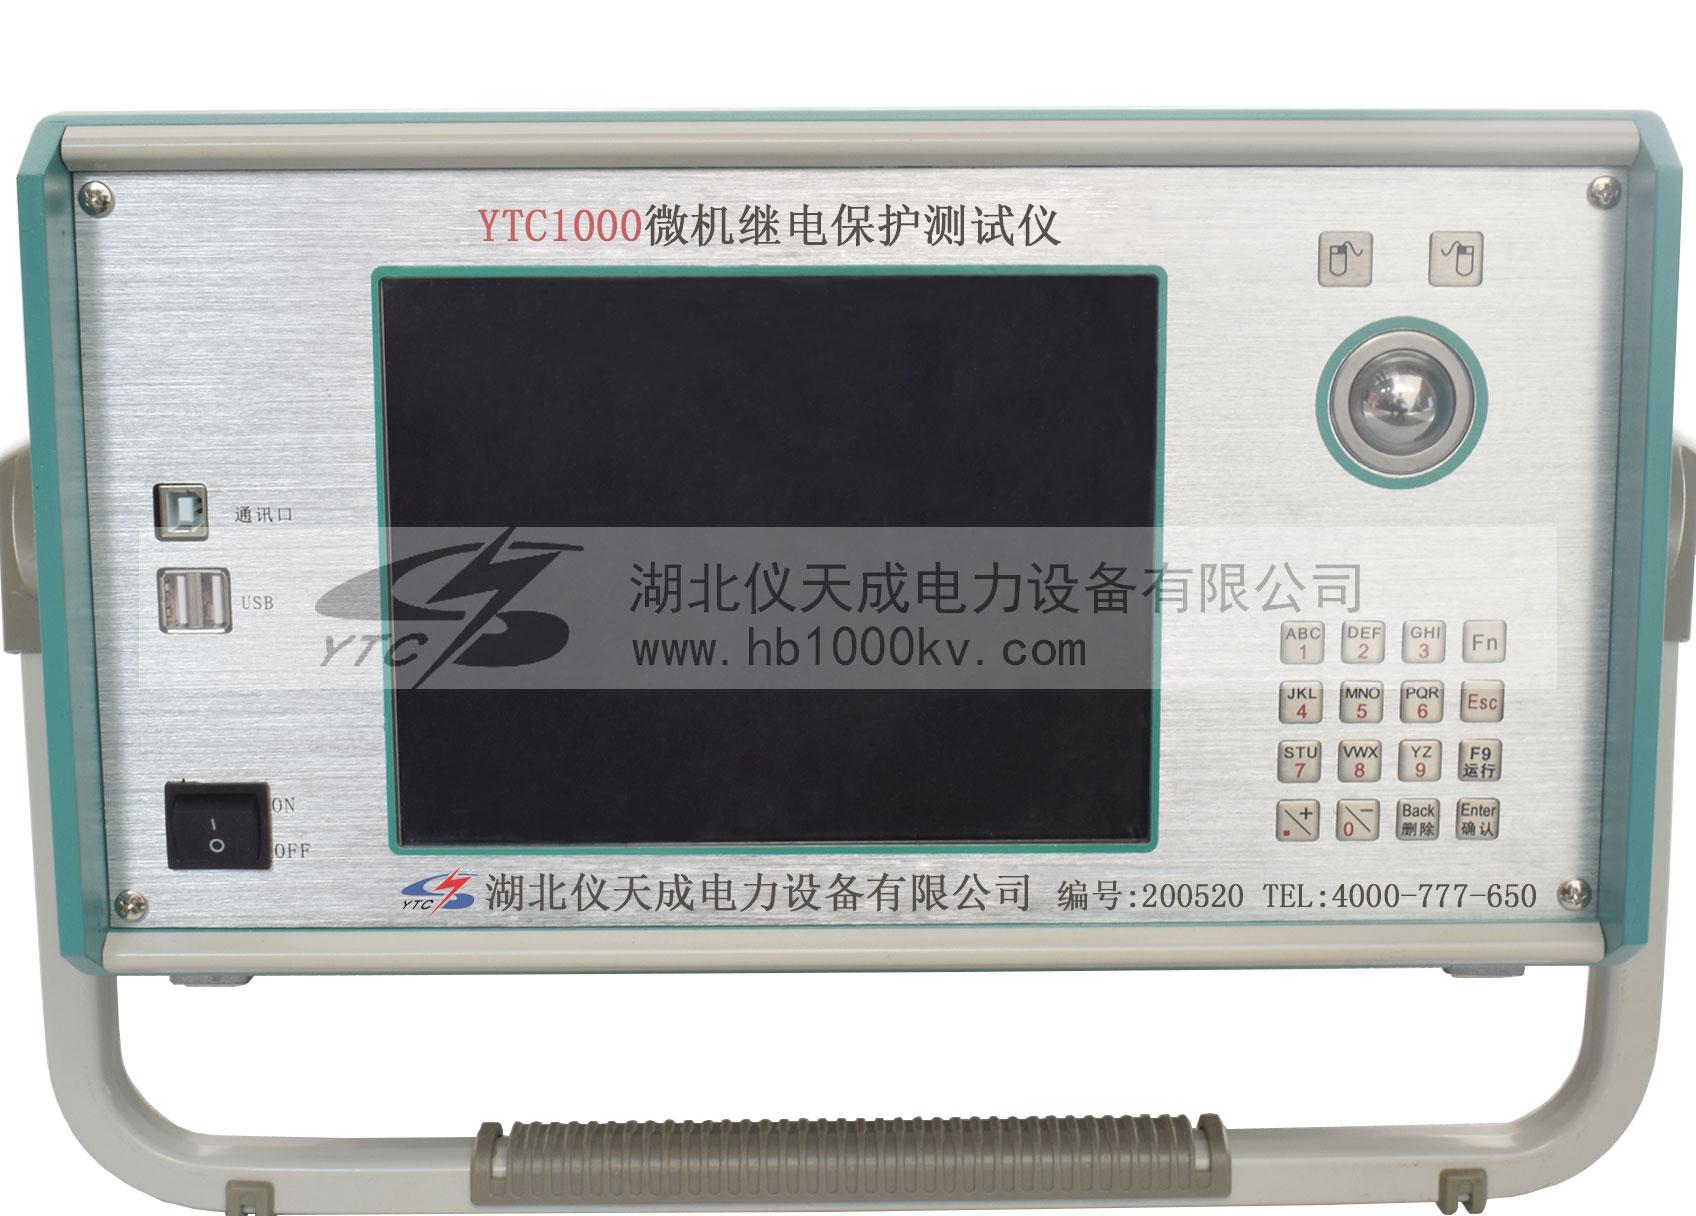 YTC1000wei机继电保护测试仪kong制面板